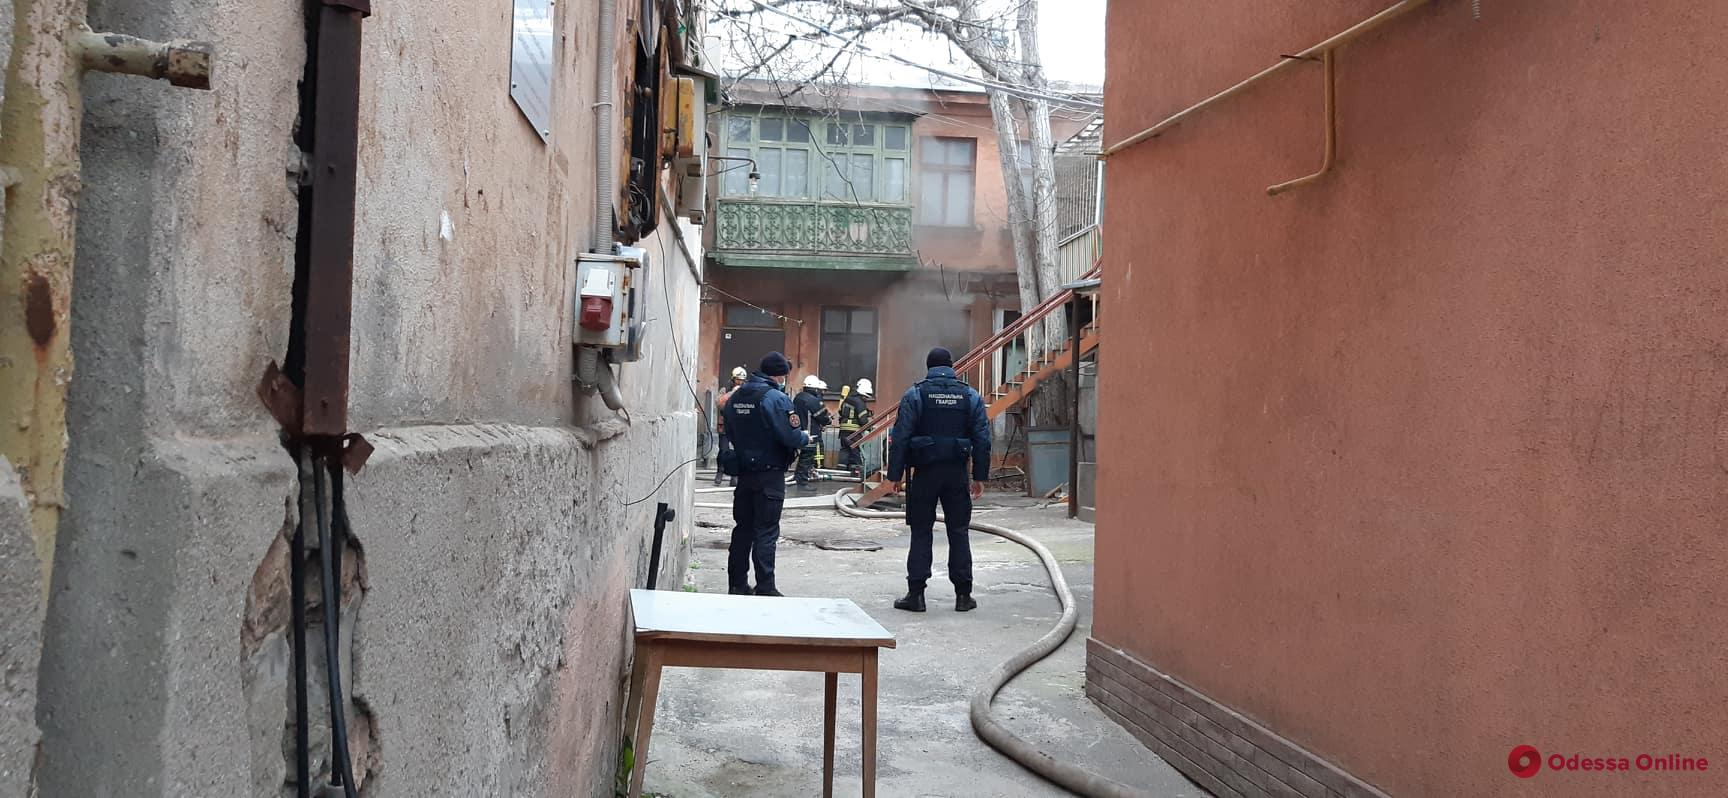 На Гимназической тушили пожар в подвале (фото, видео, обновлено)